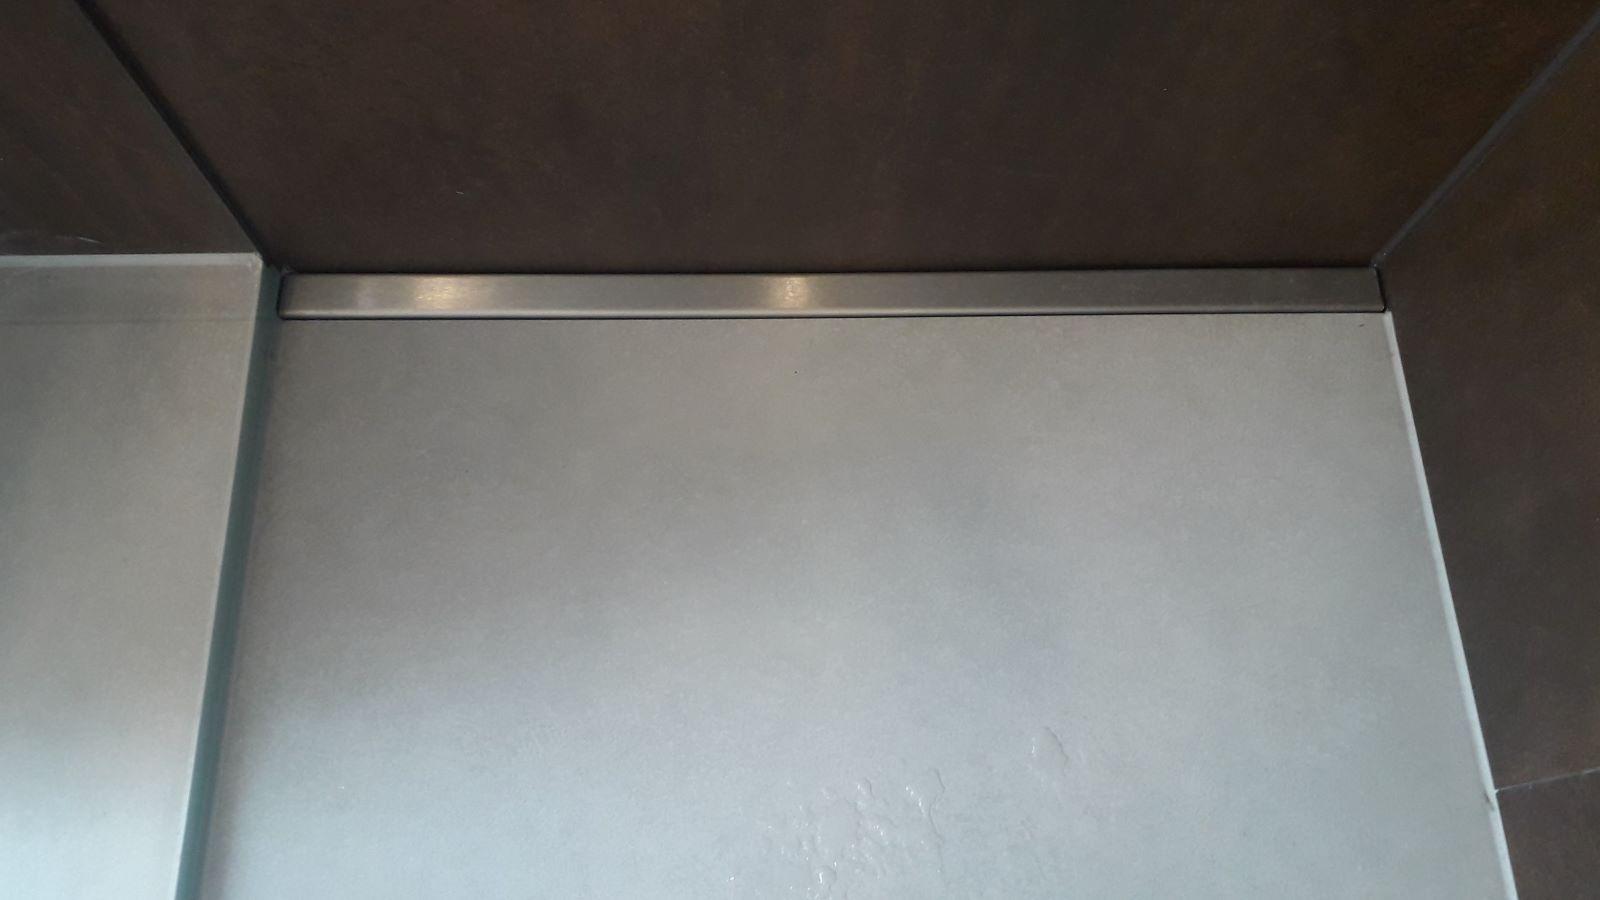 Gezeigt wird eine abdeckungsvariante der hochwertigen v4a edelstahl-duschrinne pro, hier wandbuendig eingebaut in einer barrierefreien dusche. Die dezente, gebuerstete v4a edelstahl-abdeckung ist unauffaellig, pflegeleicht und fuer die reinigung der duschrinne pro einfach ohne werkzeug abnehmbar.